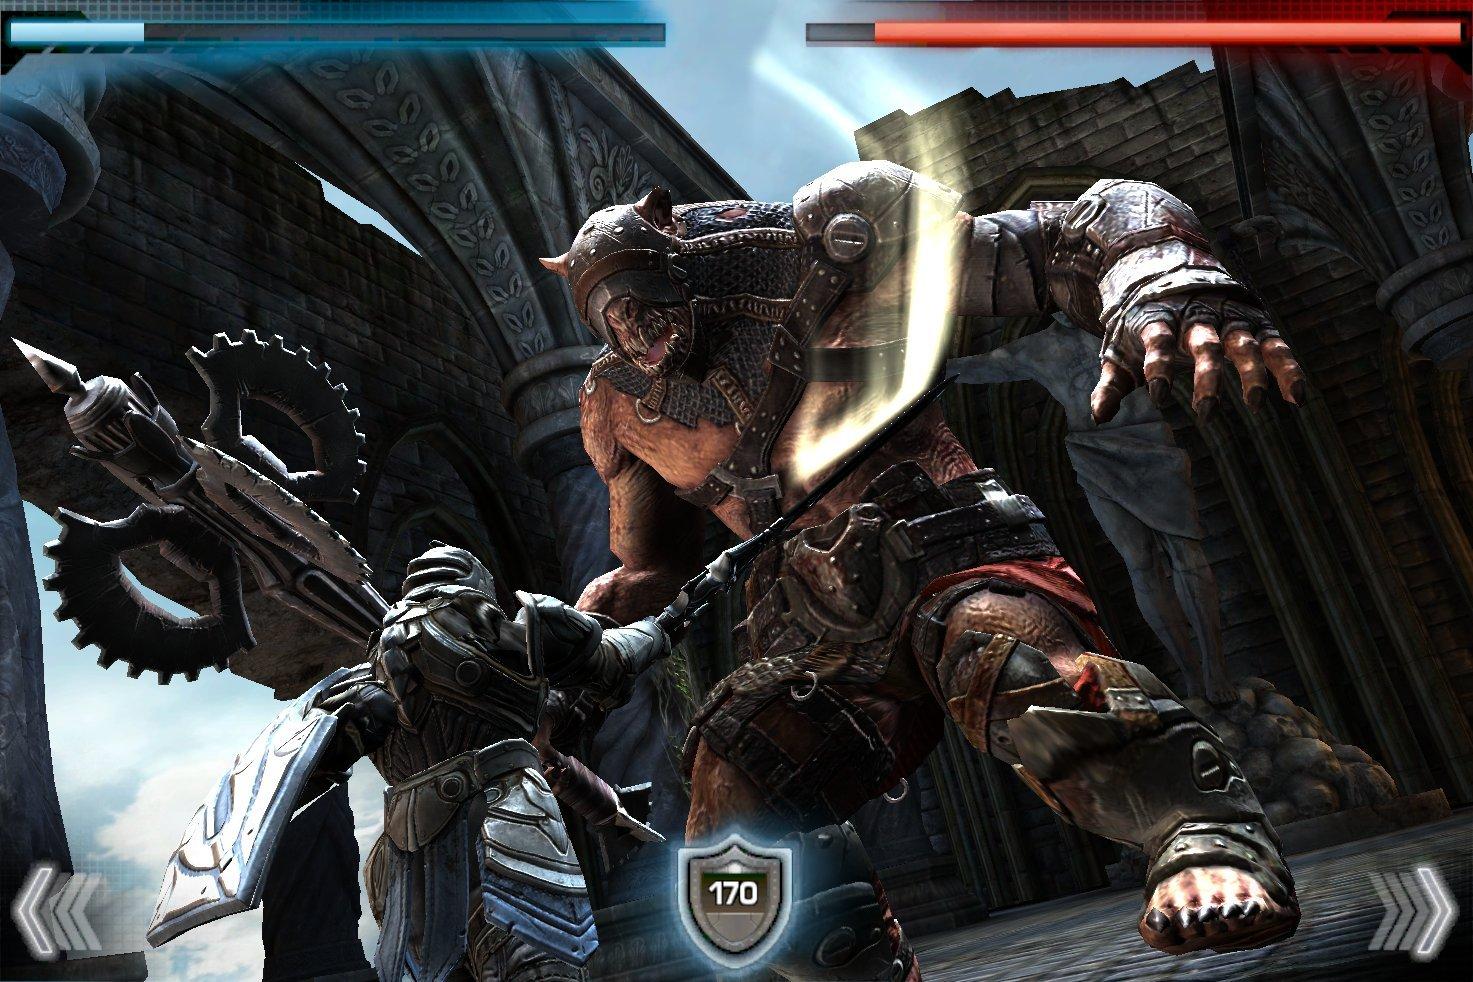 Infinity Blade desktop wallpaper 6 of 17 Video Game Wallpaperscom 1473x982